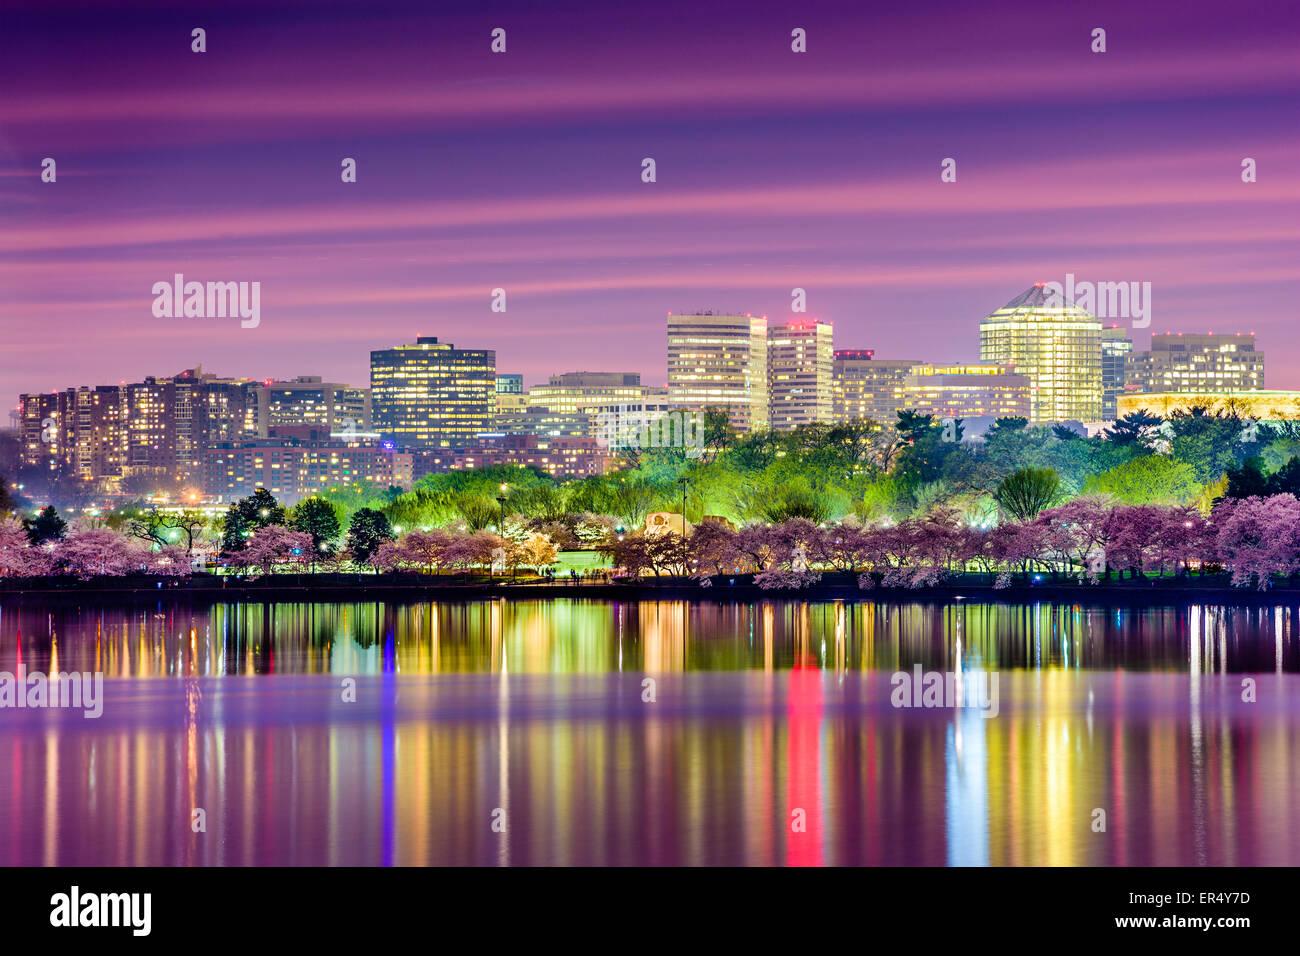 Washington, DC, en el Tidal Basin con el horizonte de Arlington. Imagen De Stock